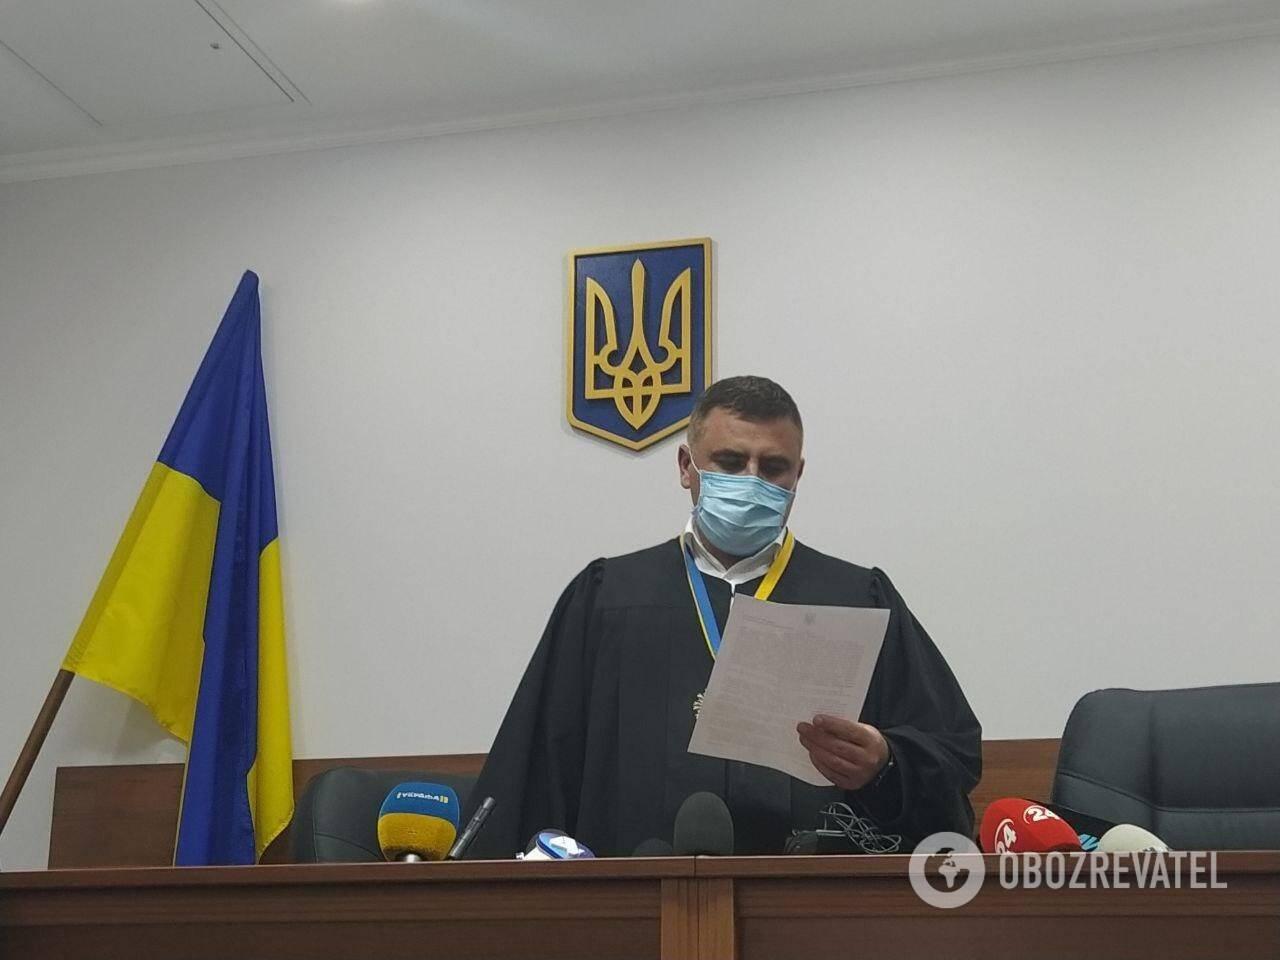 Суд арестовал подозреваемого в совершении ДТП в Киеве с четырьмя погибшими Желепу. Судья